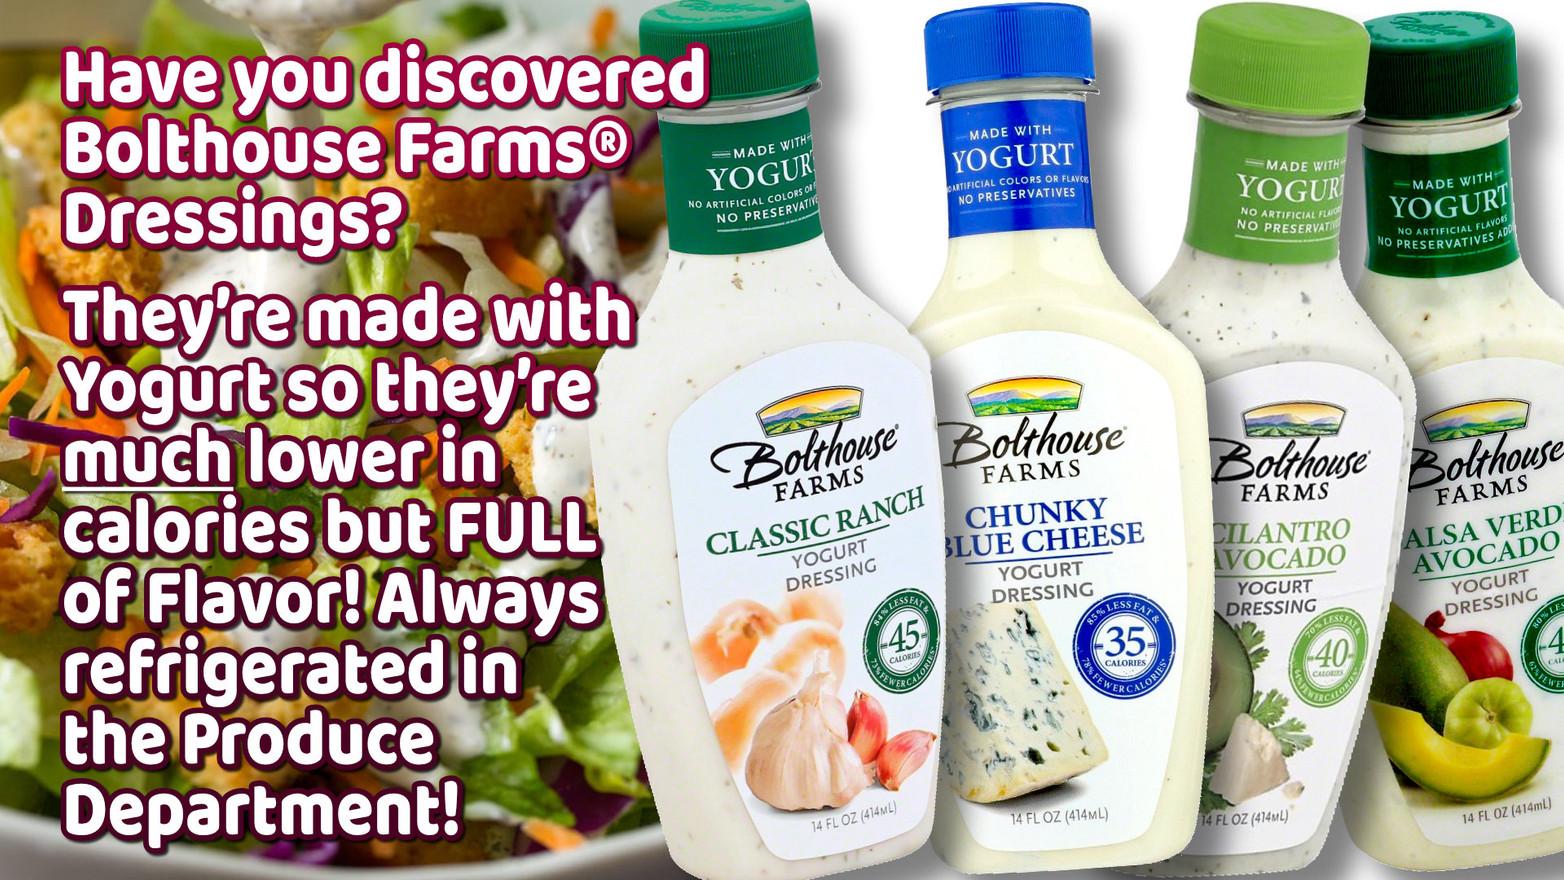 bolthouse farms.jpg